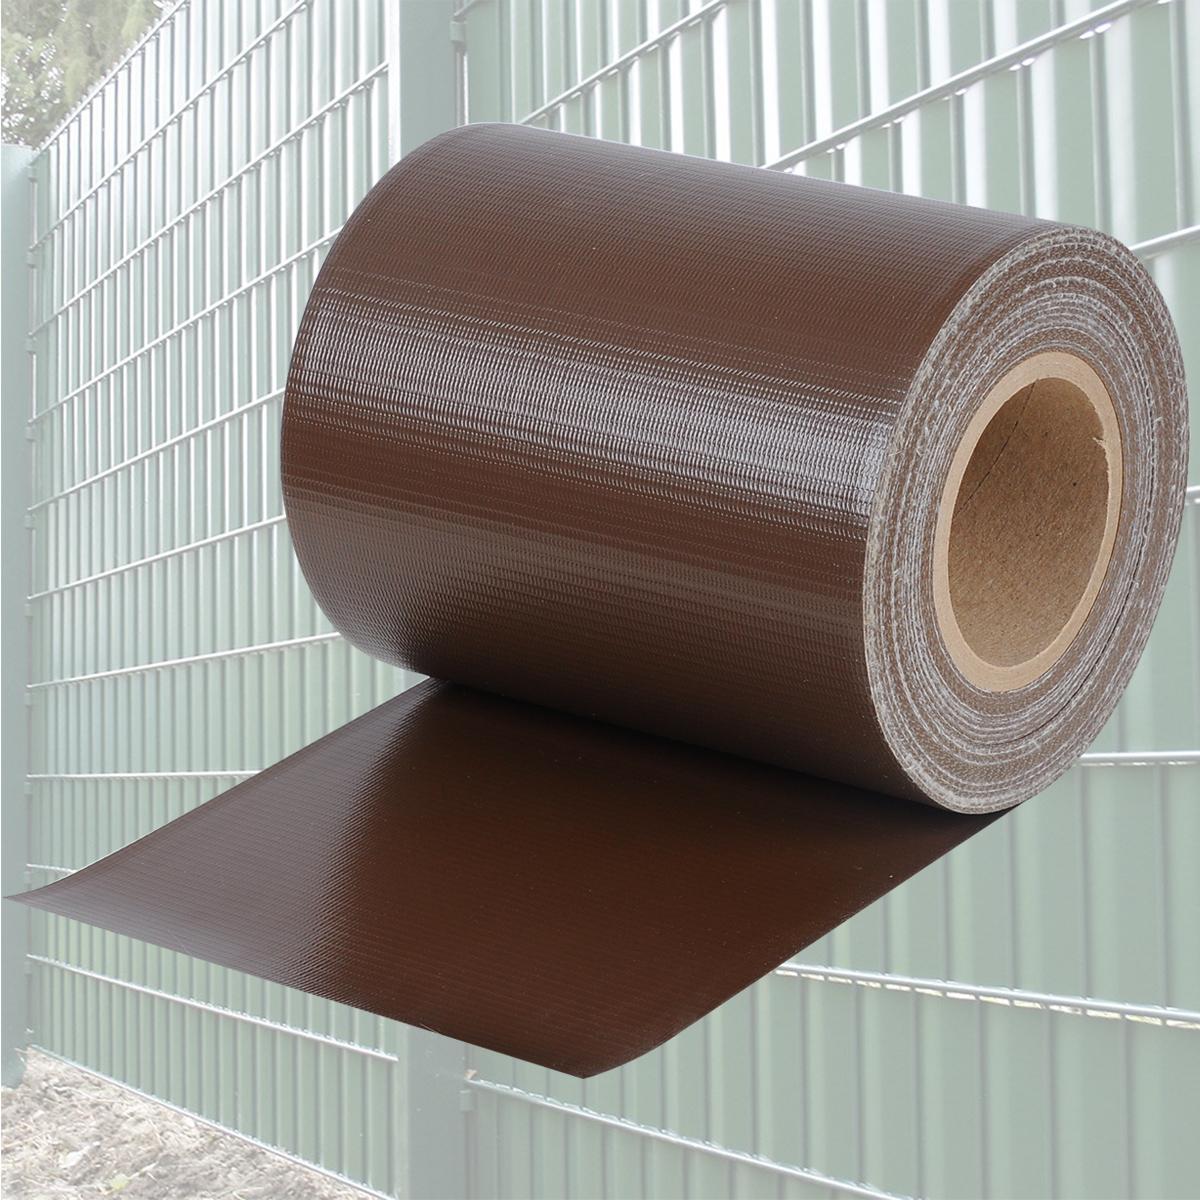 pvc sichtschutzstreifen doppelstabmatte zaunfolie windschutz 35m braun gzz1187br ebay. Black Bedroom Furniture Sets. Home Design Ideas